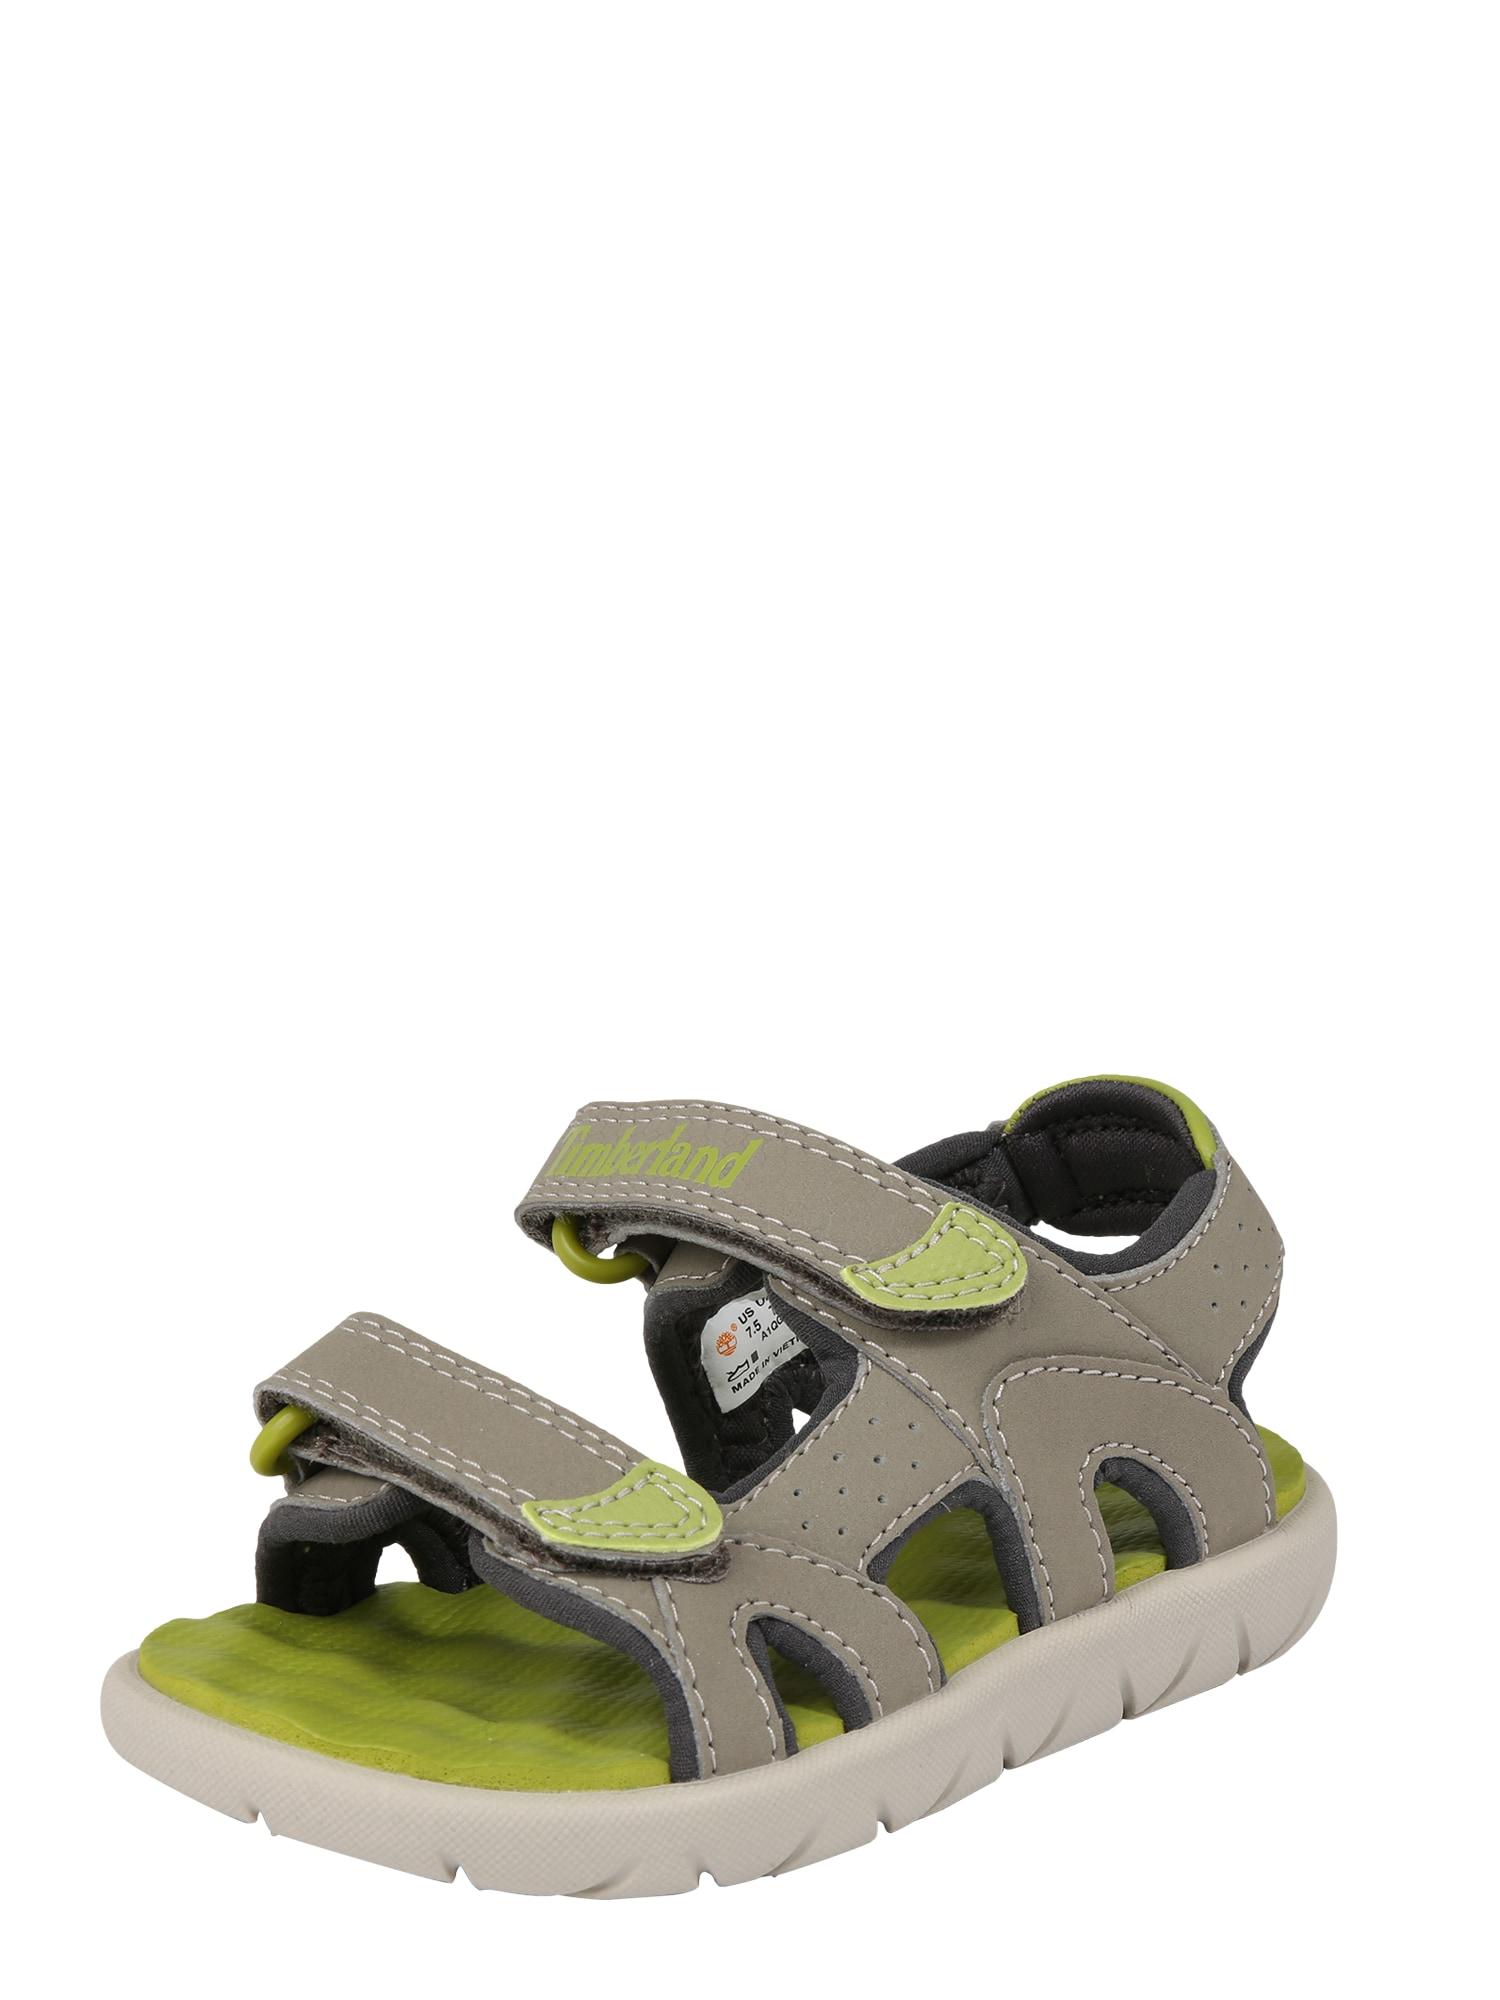 Otevřená obuv Perkins béžová světle zelená TIMBERLAND